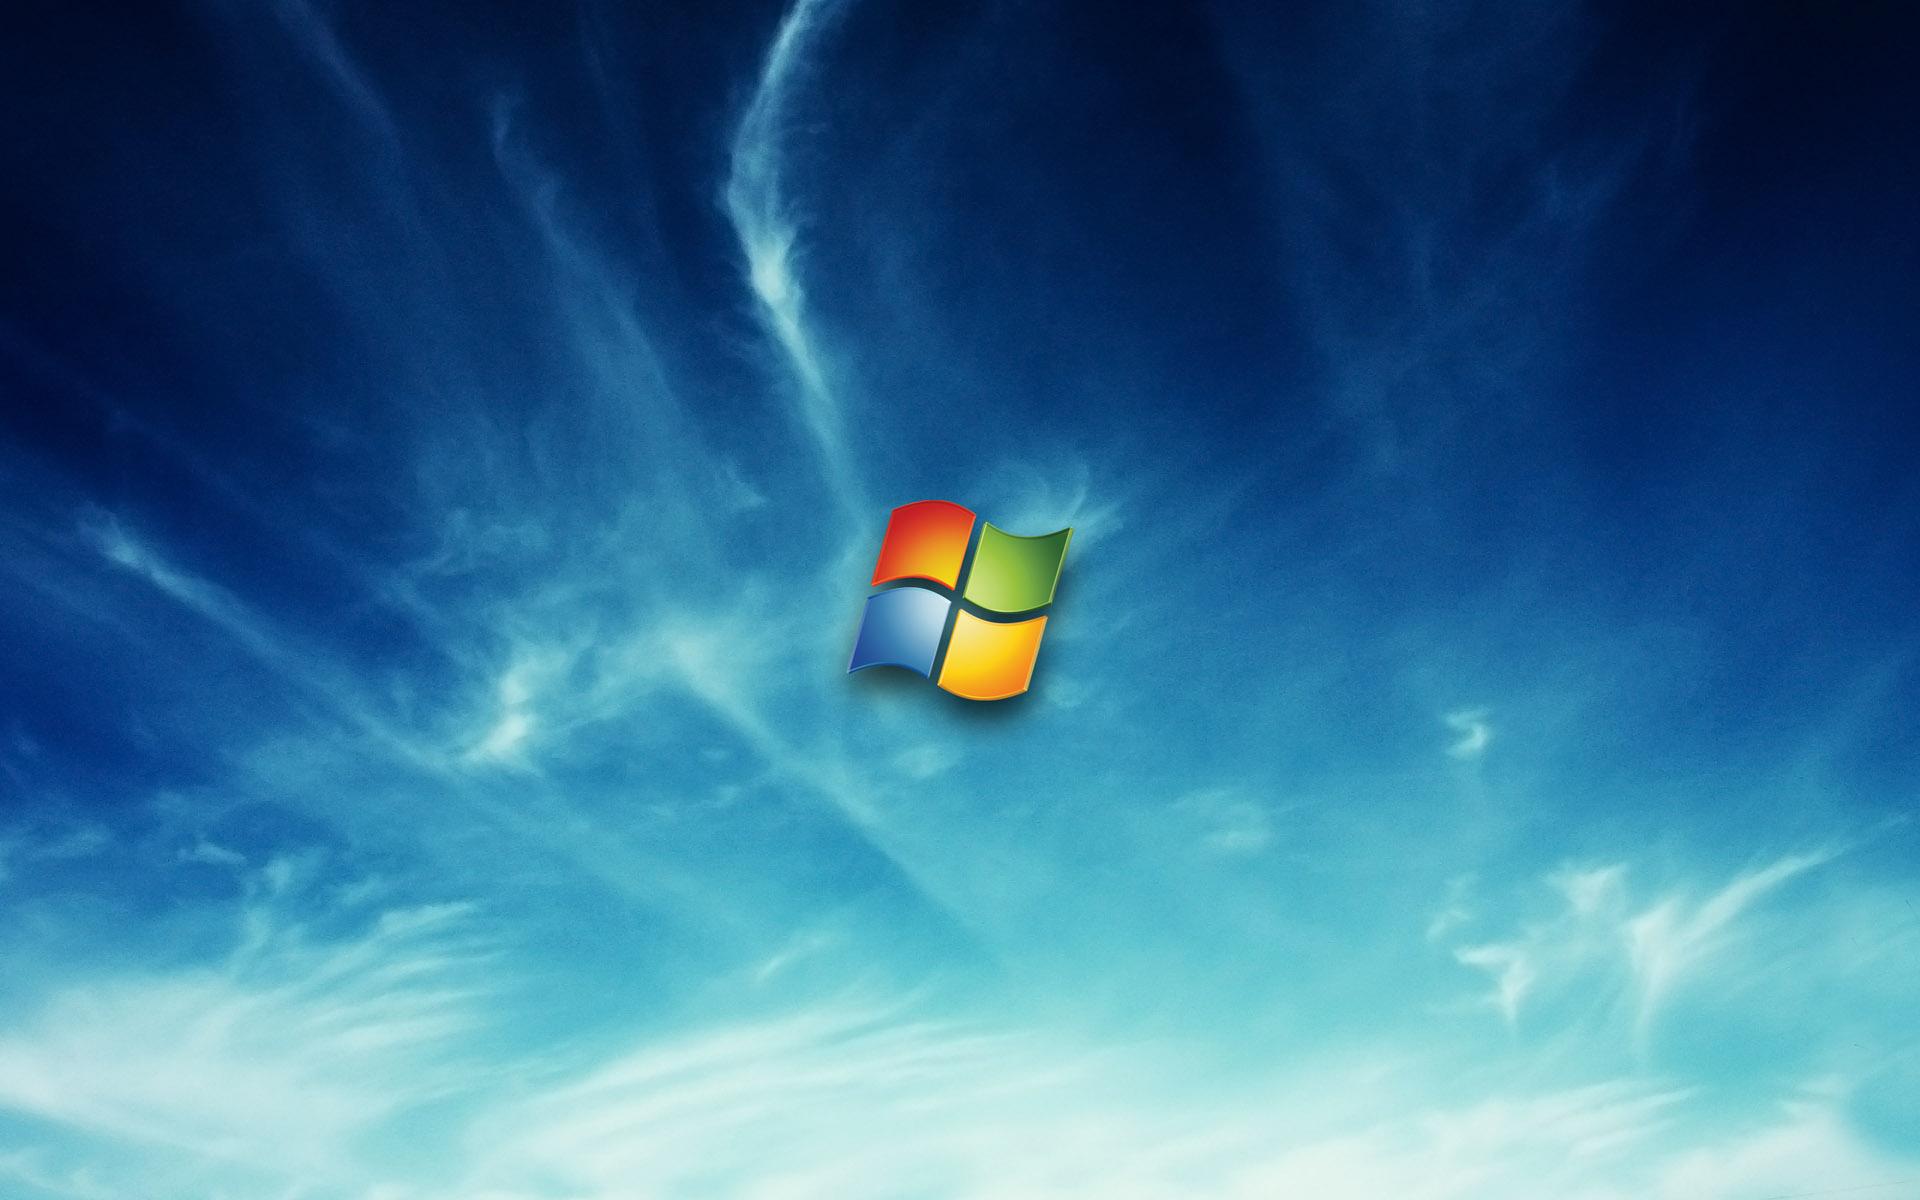 coders windows fan - photo #6